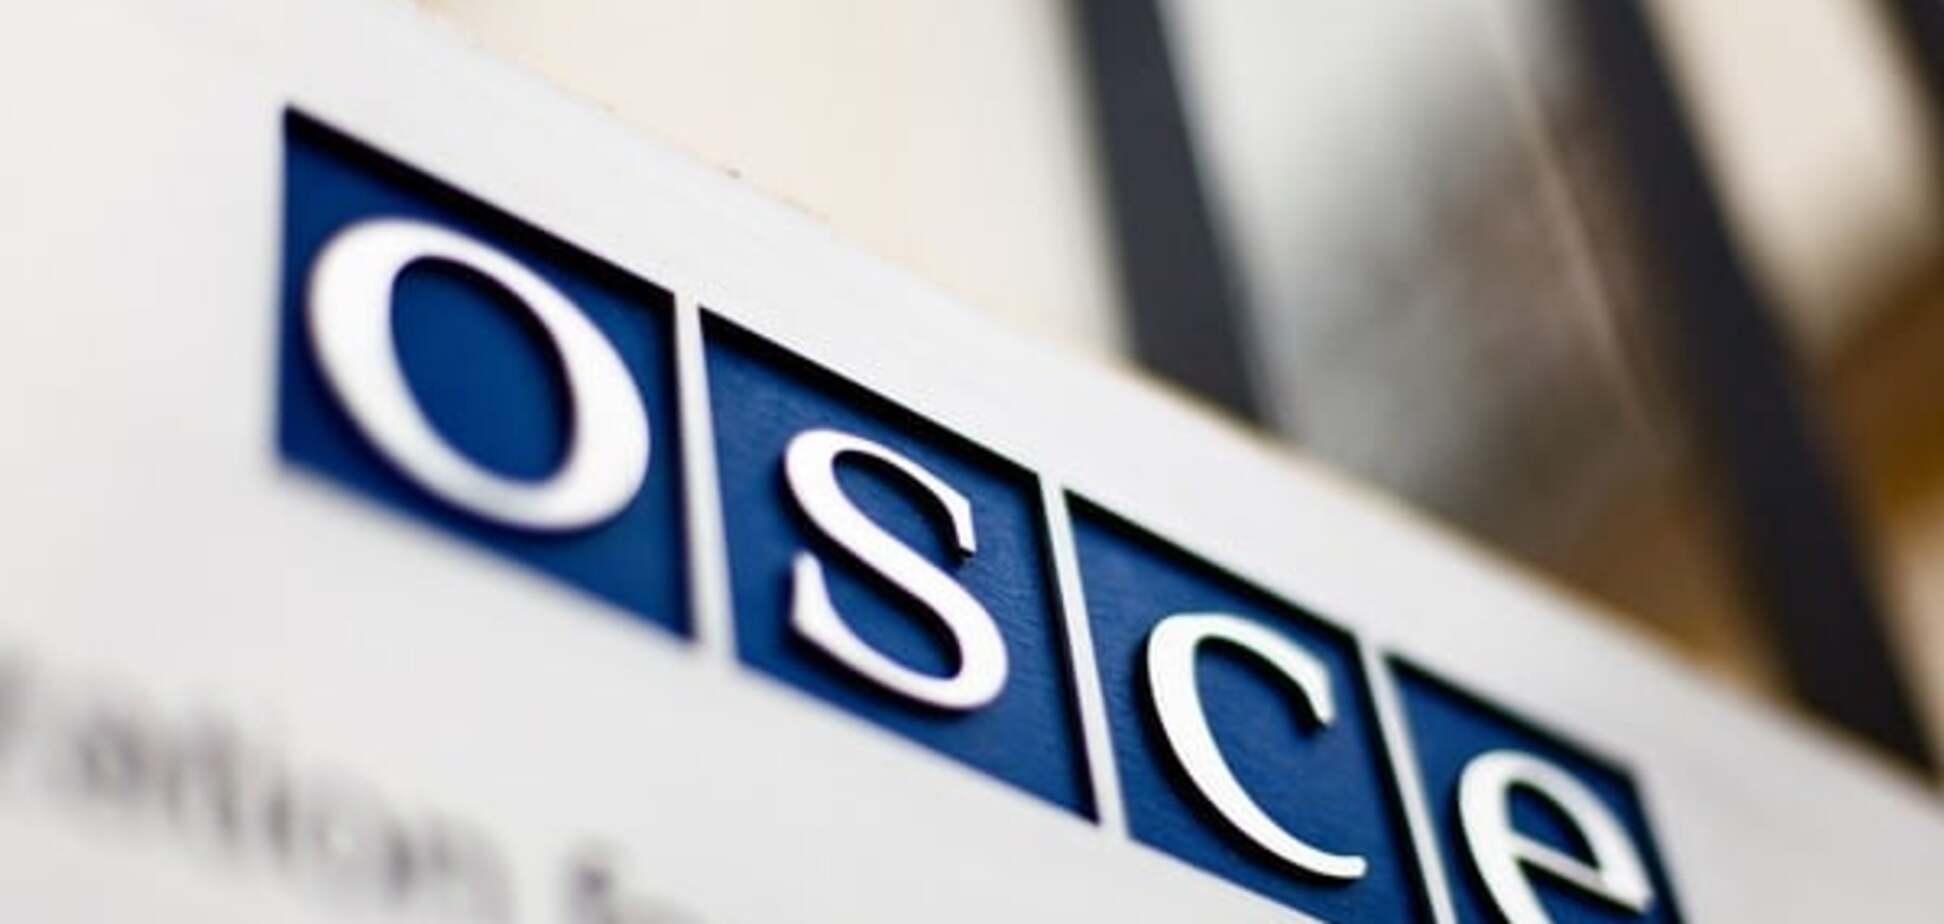 Терористи 'ЛНР' на блокпосту не пропустили спостерігачів ОБСЄ і погрожували зброєю